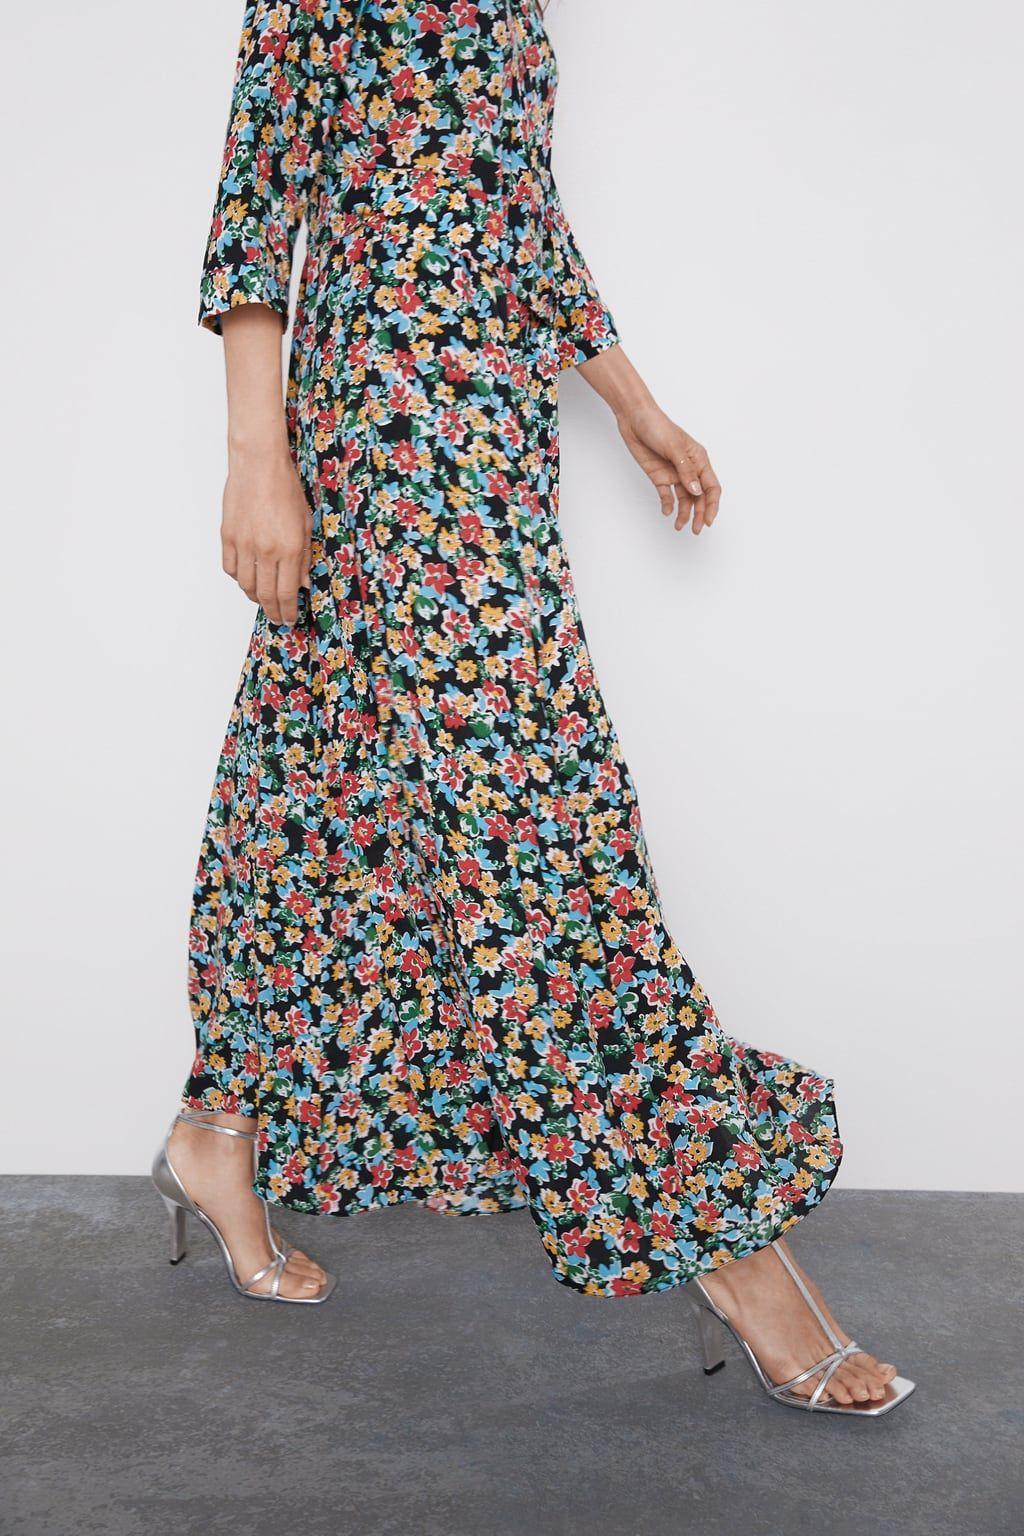 Vestido Largo Estampado Floral Vestidos Flores Vestidos Mujer Zara España Floral Print Dress Long Floral Print Maxi Dress Maxi Dress